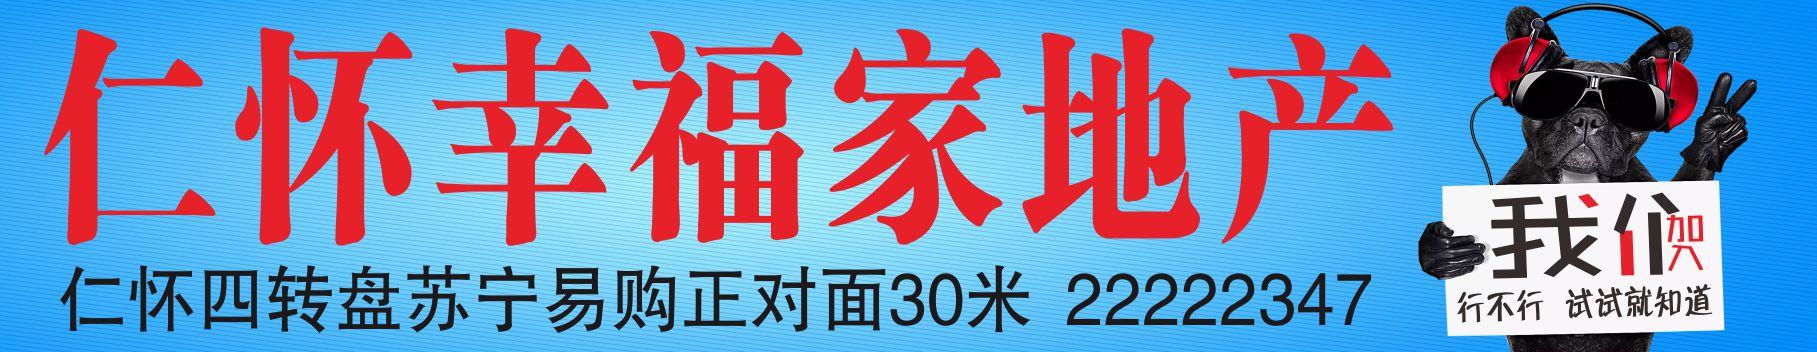 贵州幸福家房地产经纪有限公司